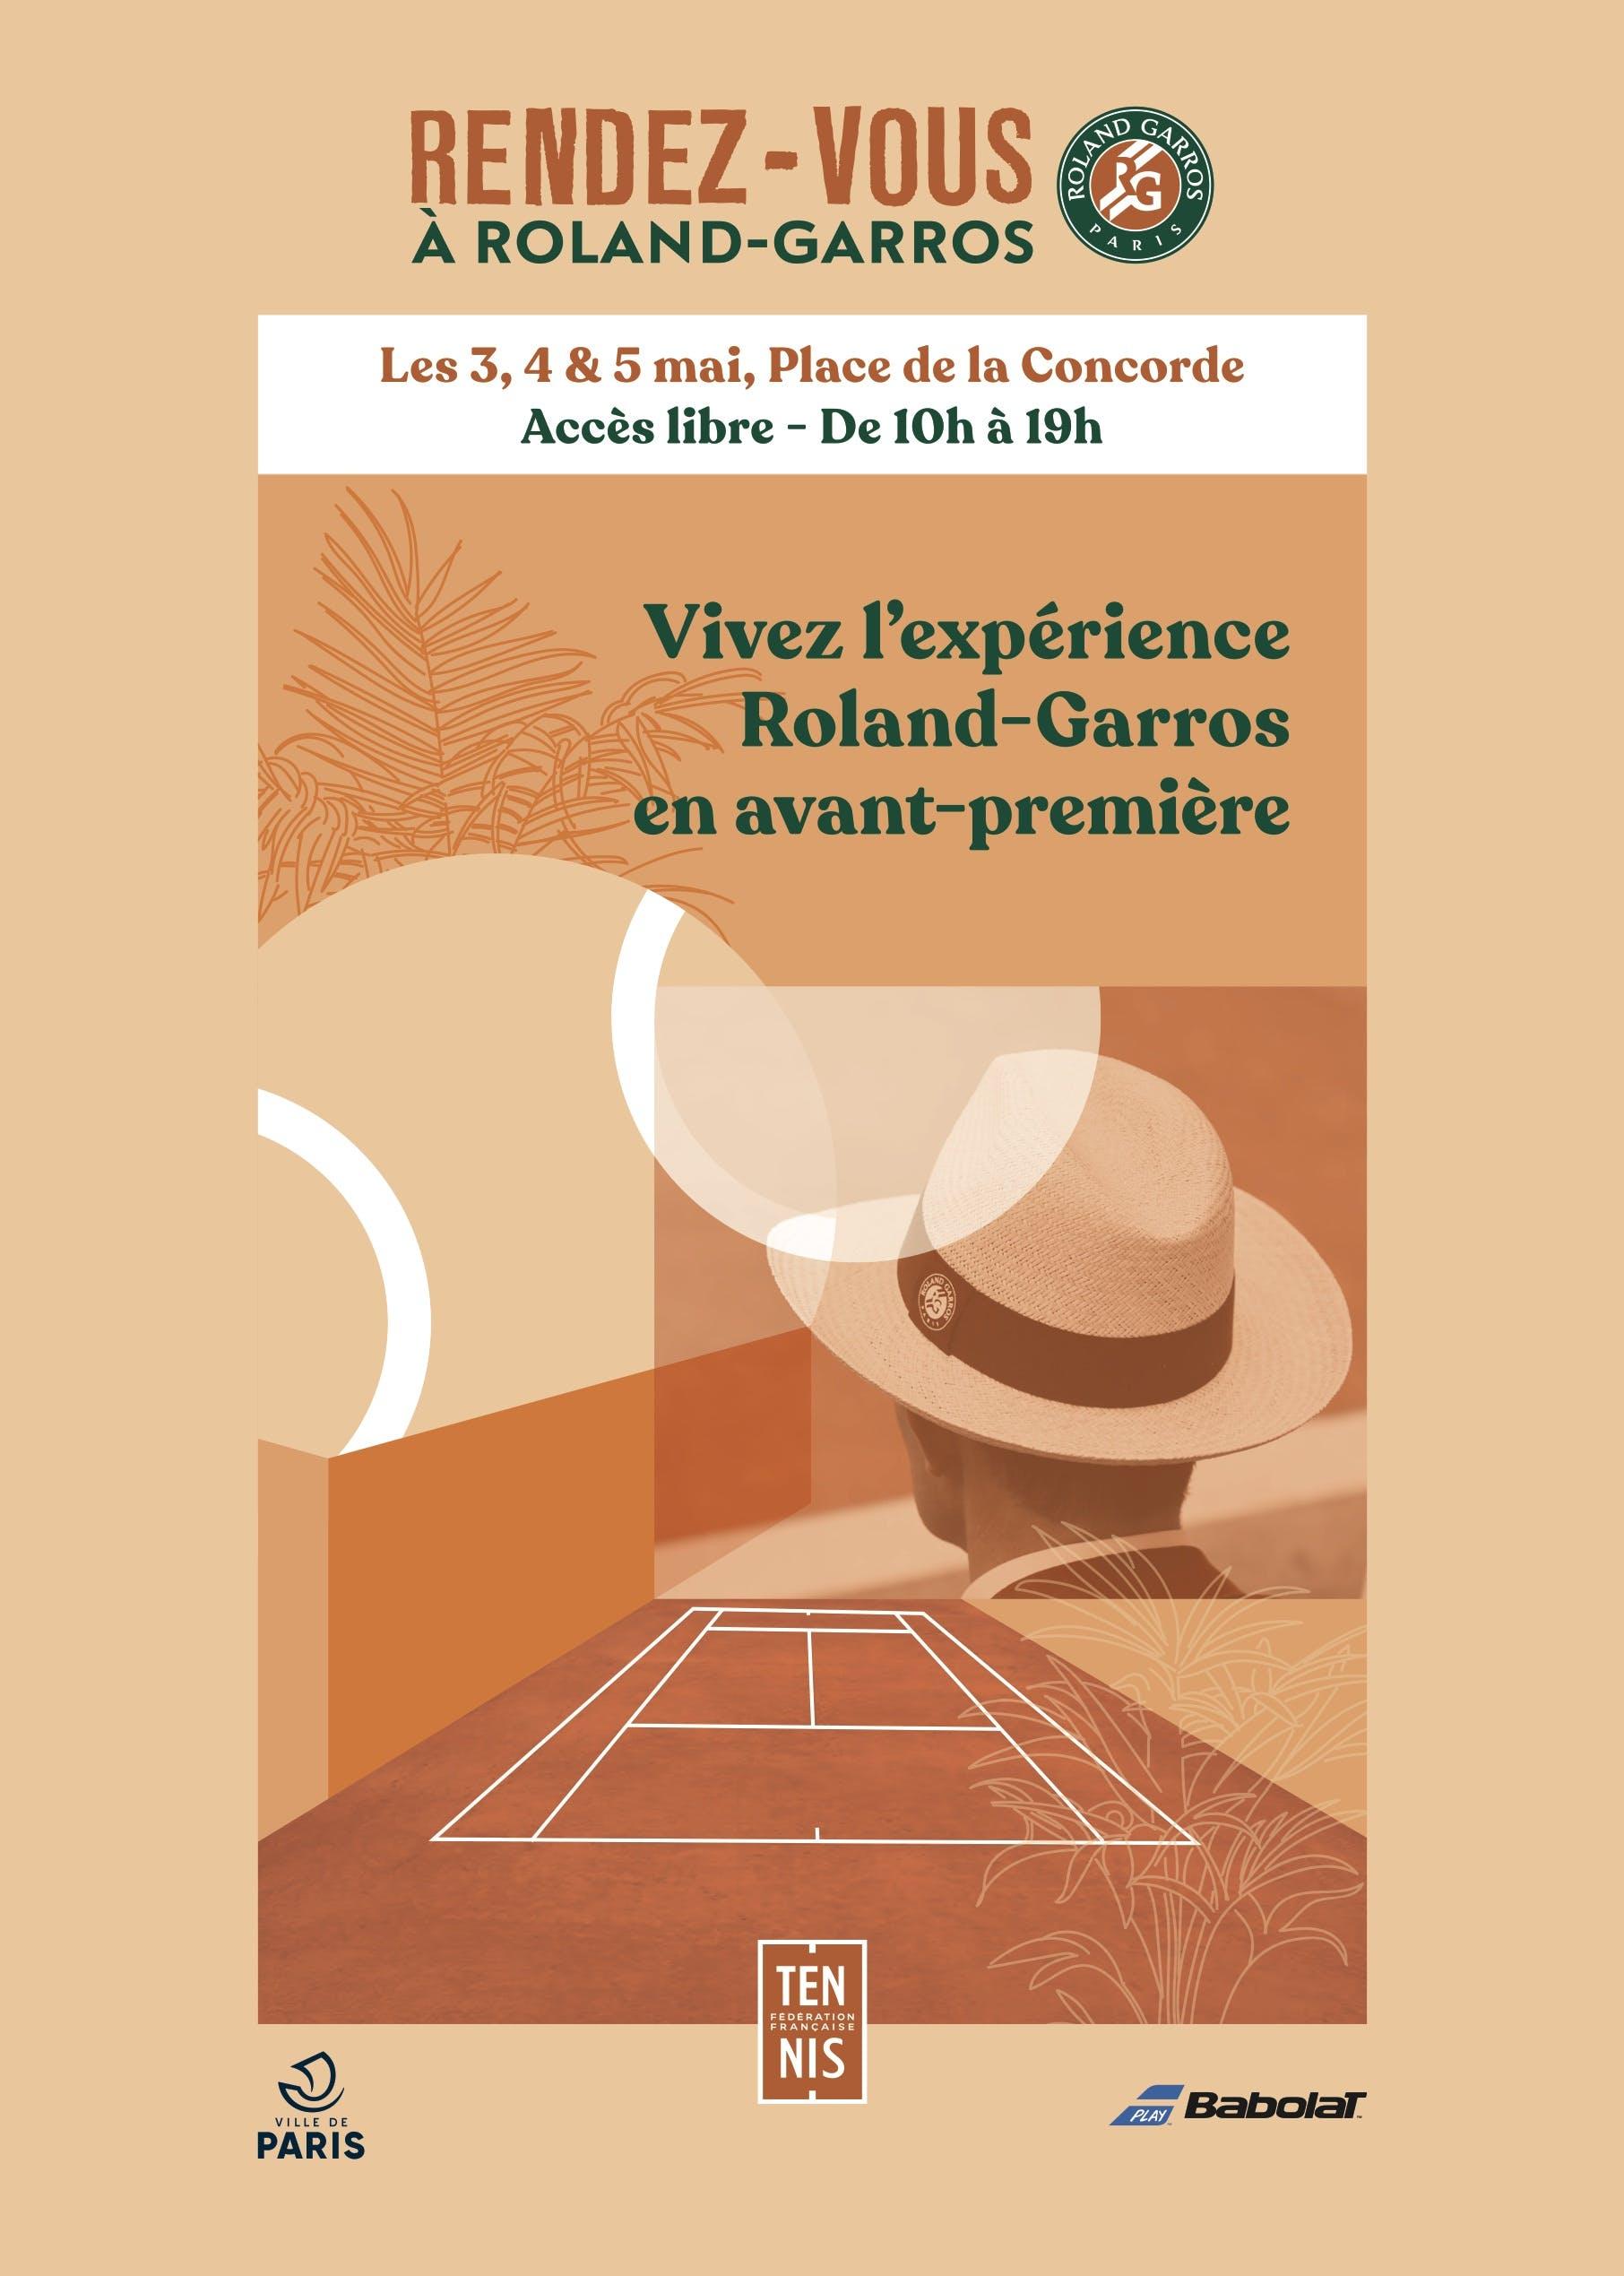 Affiche Rendez-vous à Roland-Garros - Paris